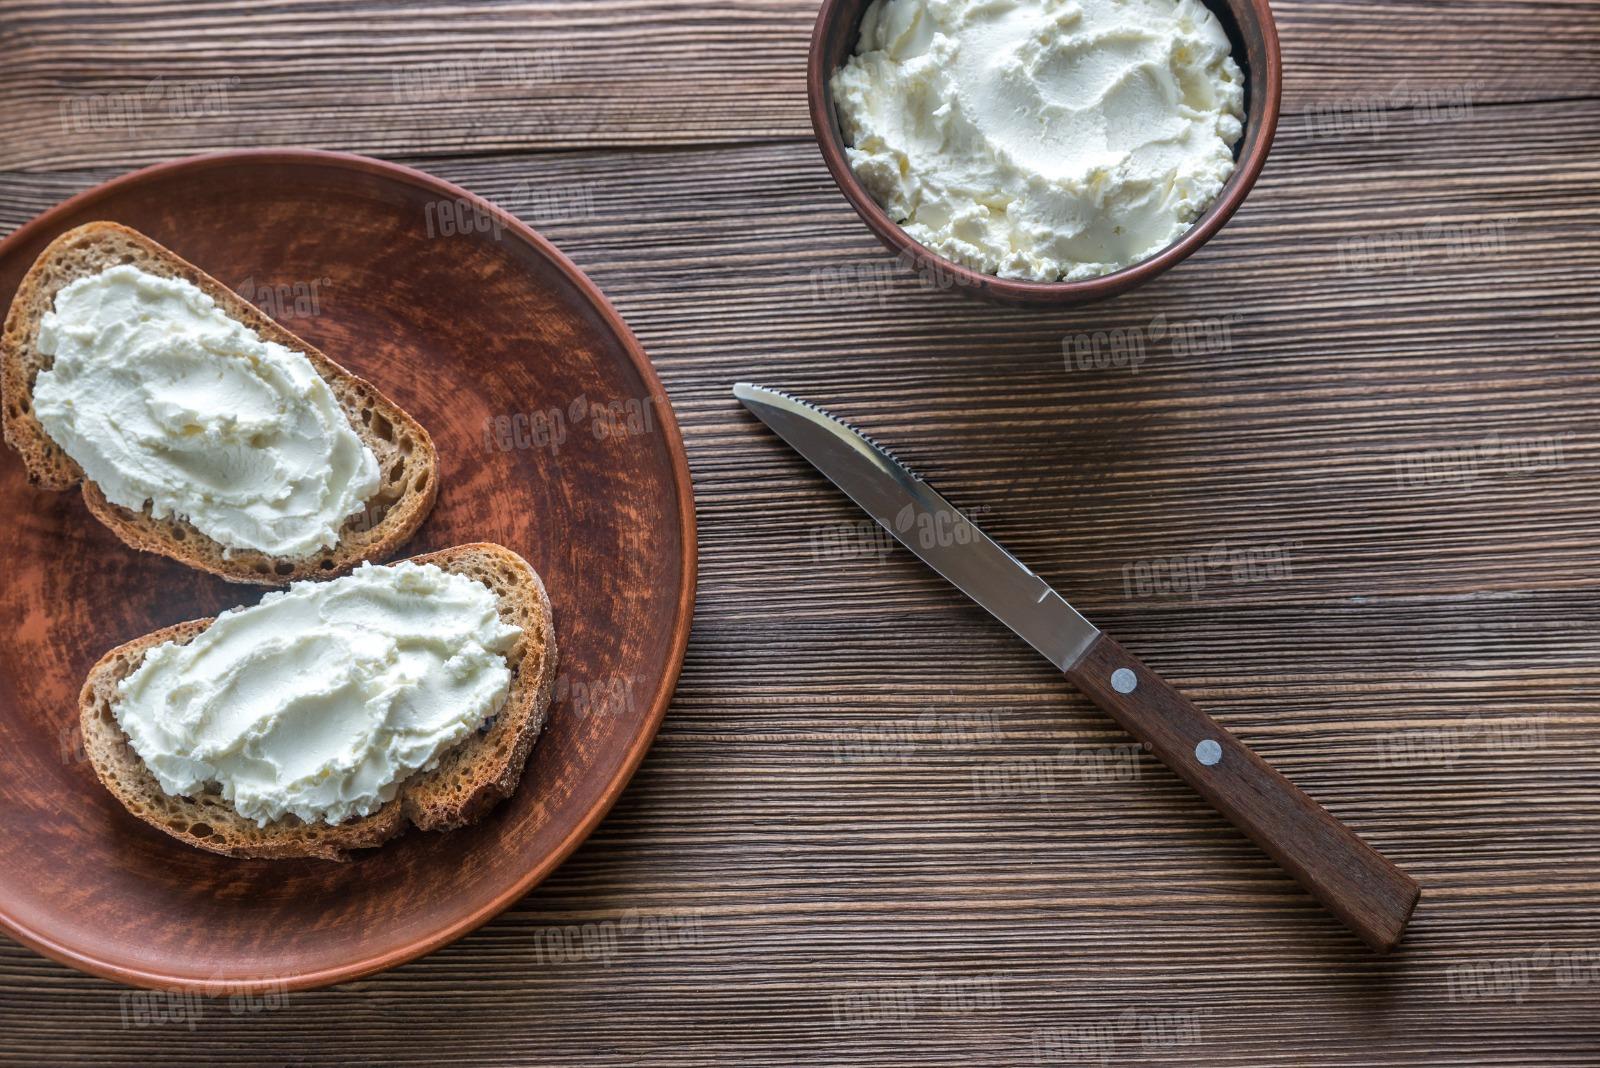 Pratik ve lezzetli: Evde Krem peynir nasýl yapýlýr